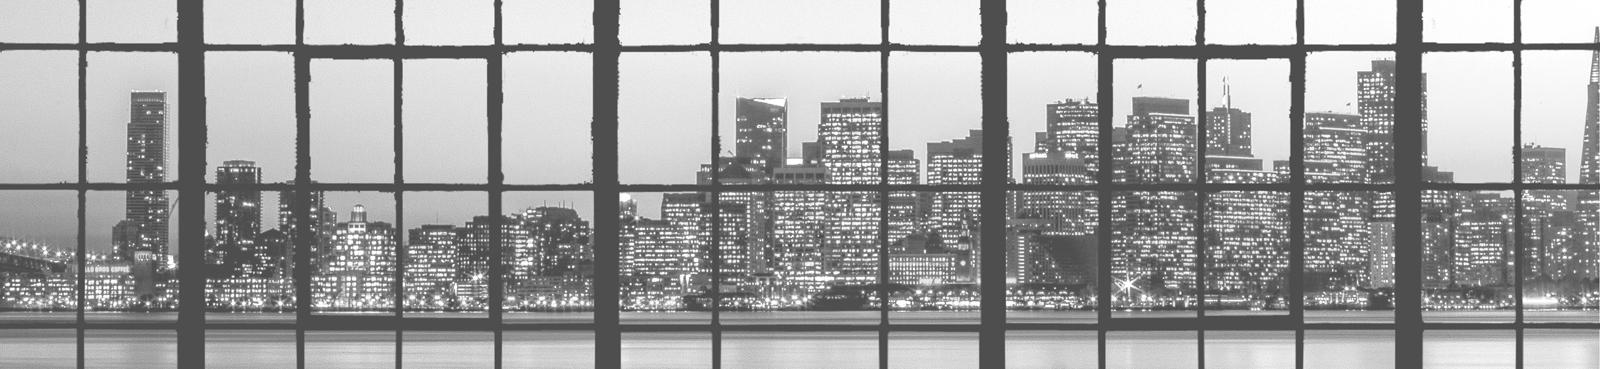 BUILD LLC San Francisco